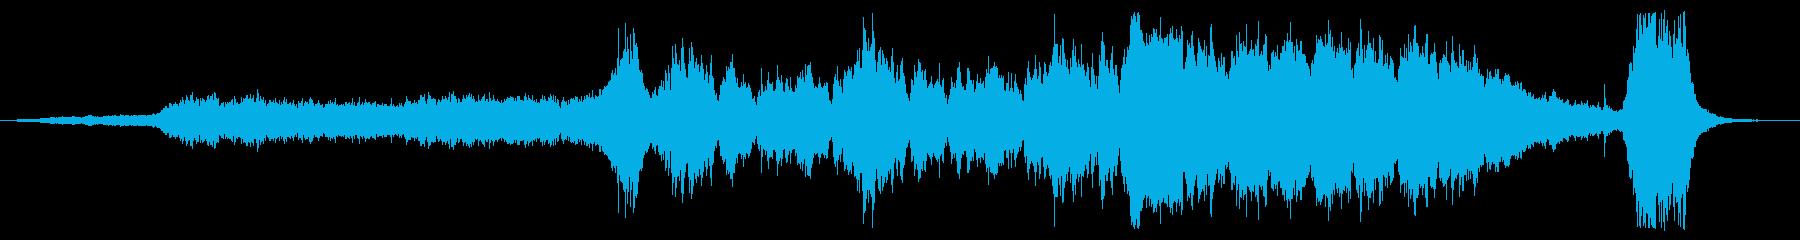 四度場面が変わるオーケストラ曲の再生済みの波形